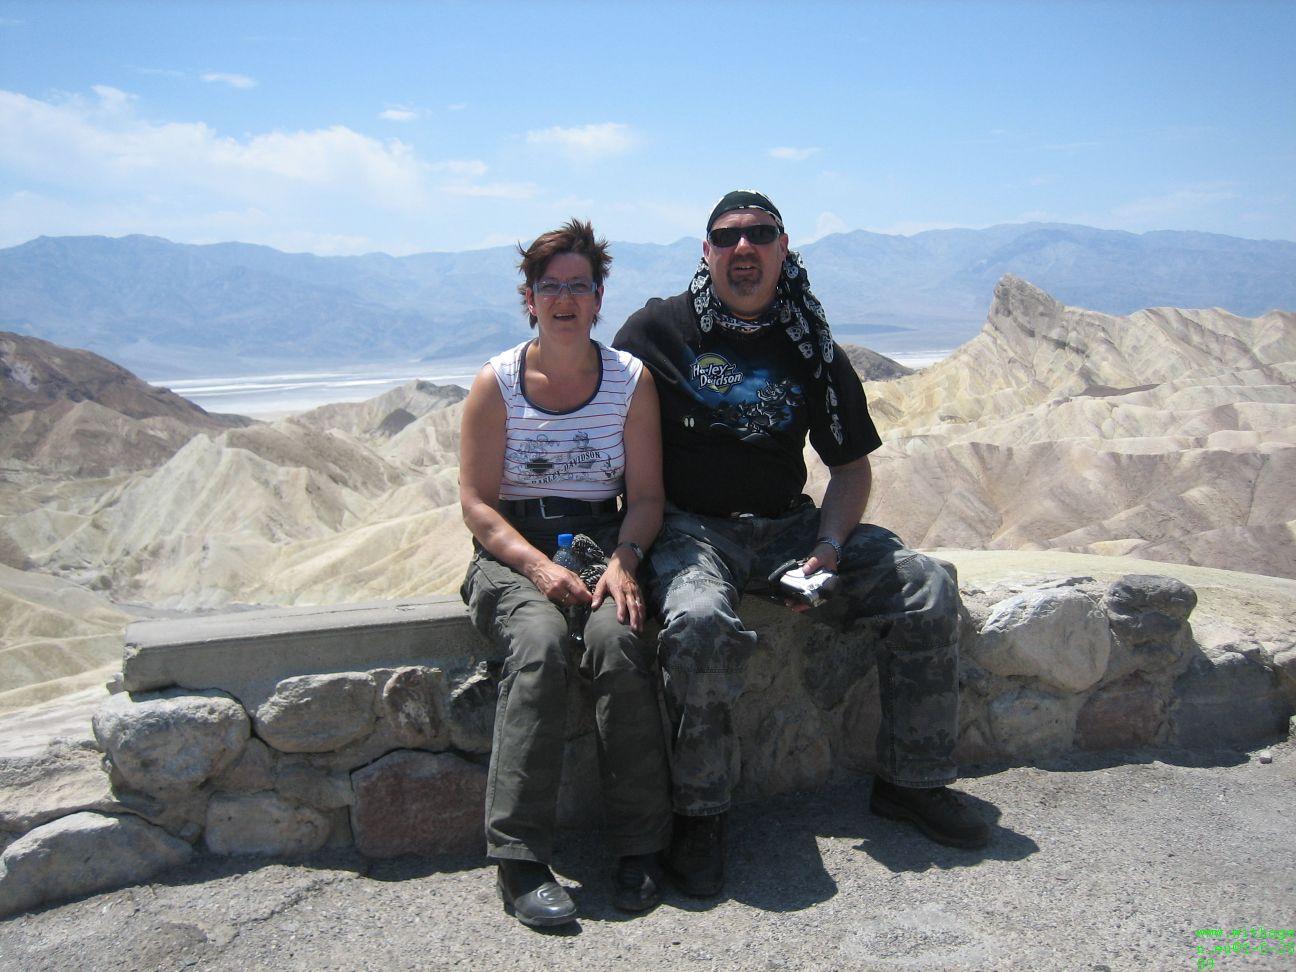 Het zelfde stel weer in Death Valley, ze achter volgen ons.